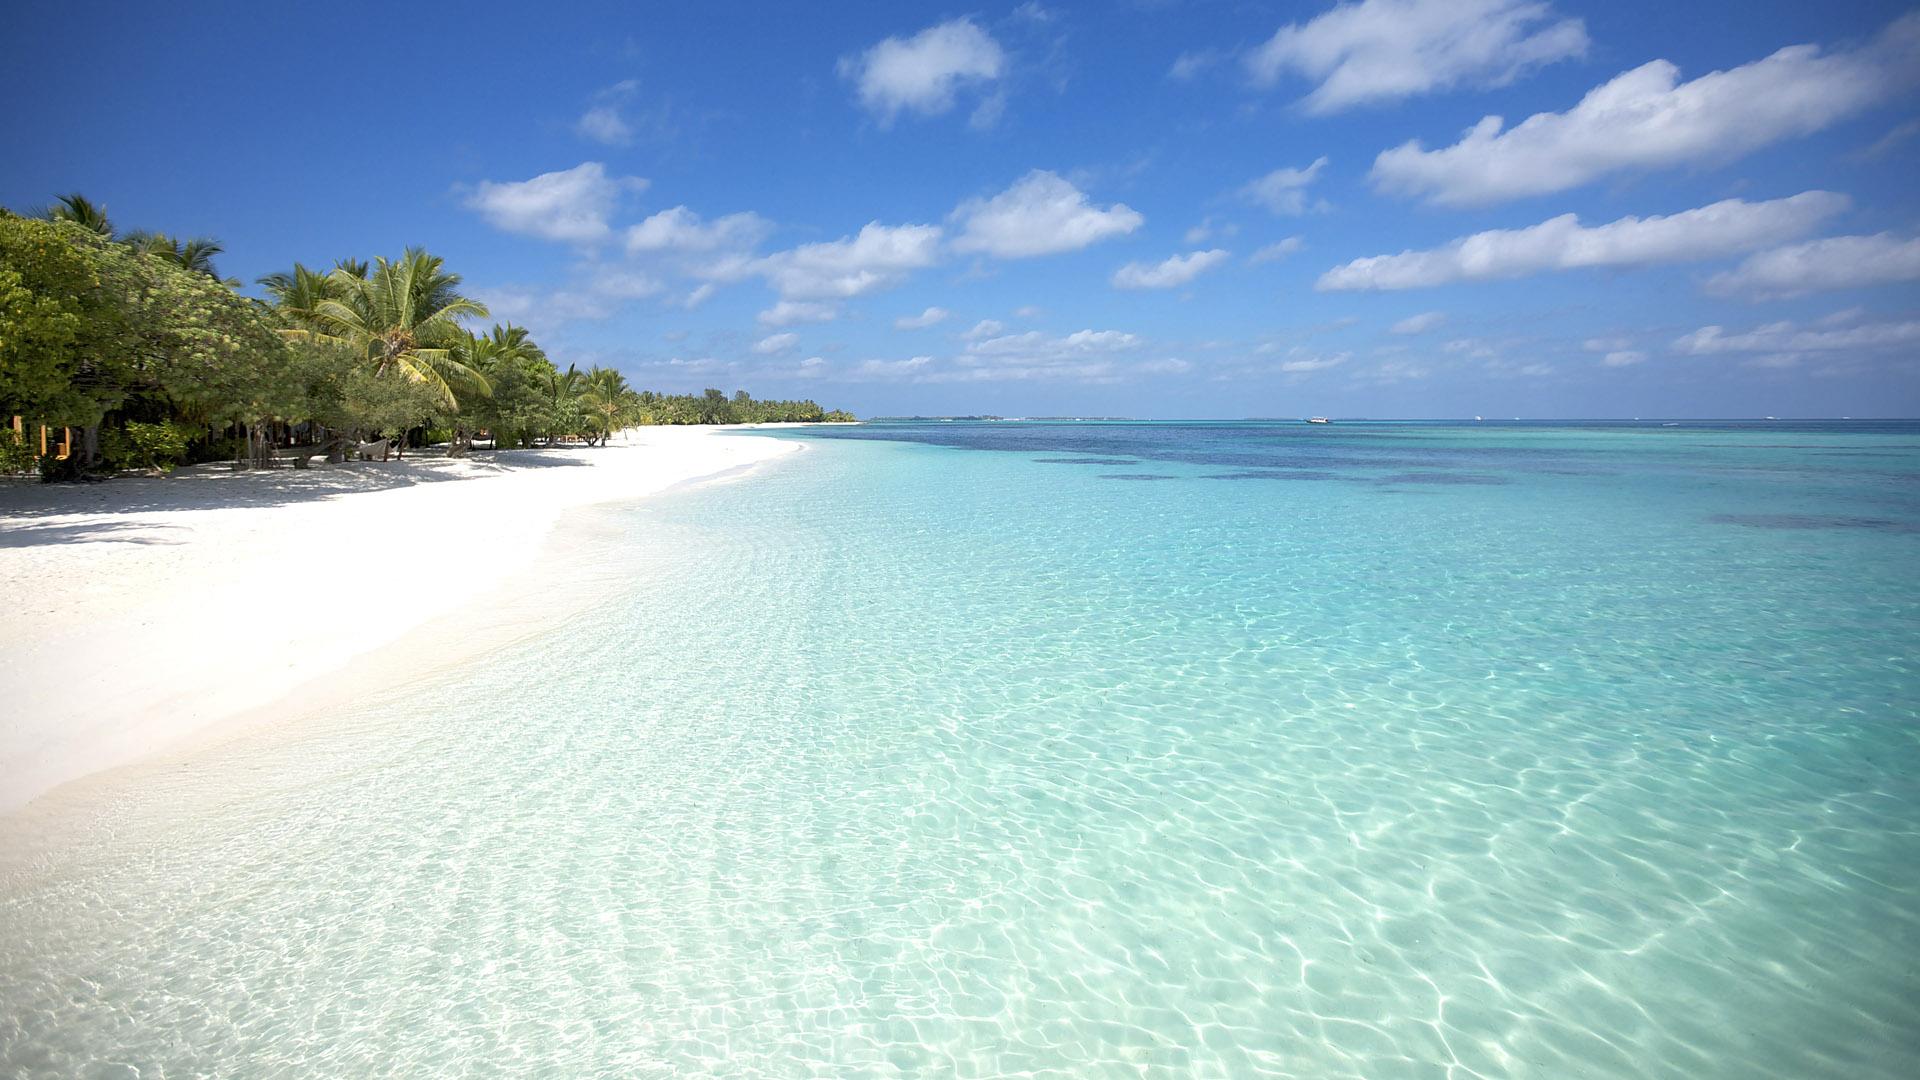 4 километра пляжей вокруг курорта и большая лагуна с разноцветными рыбками